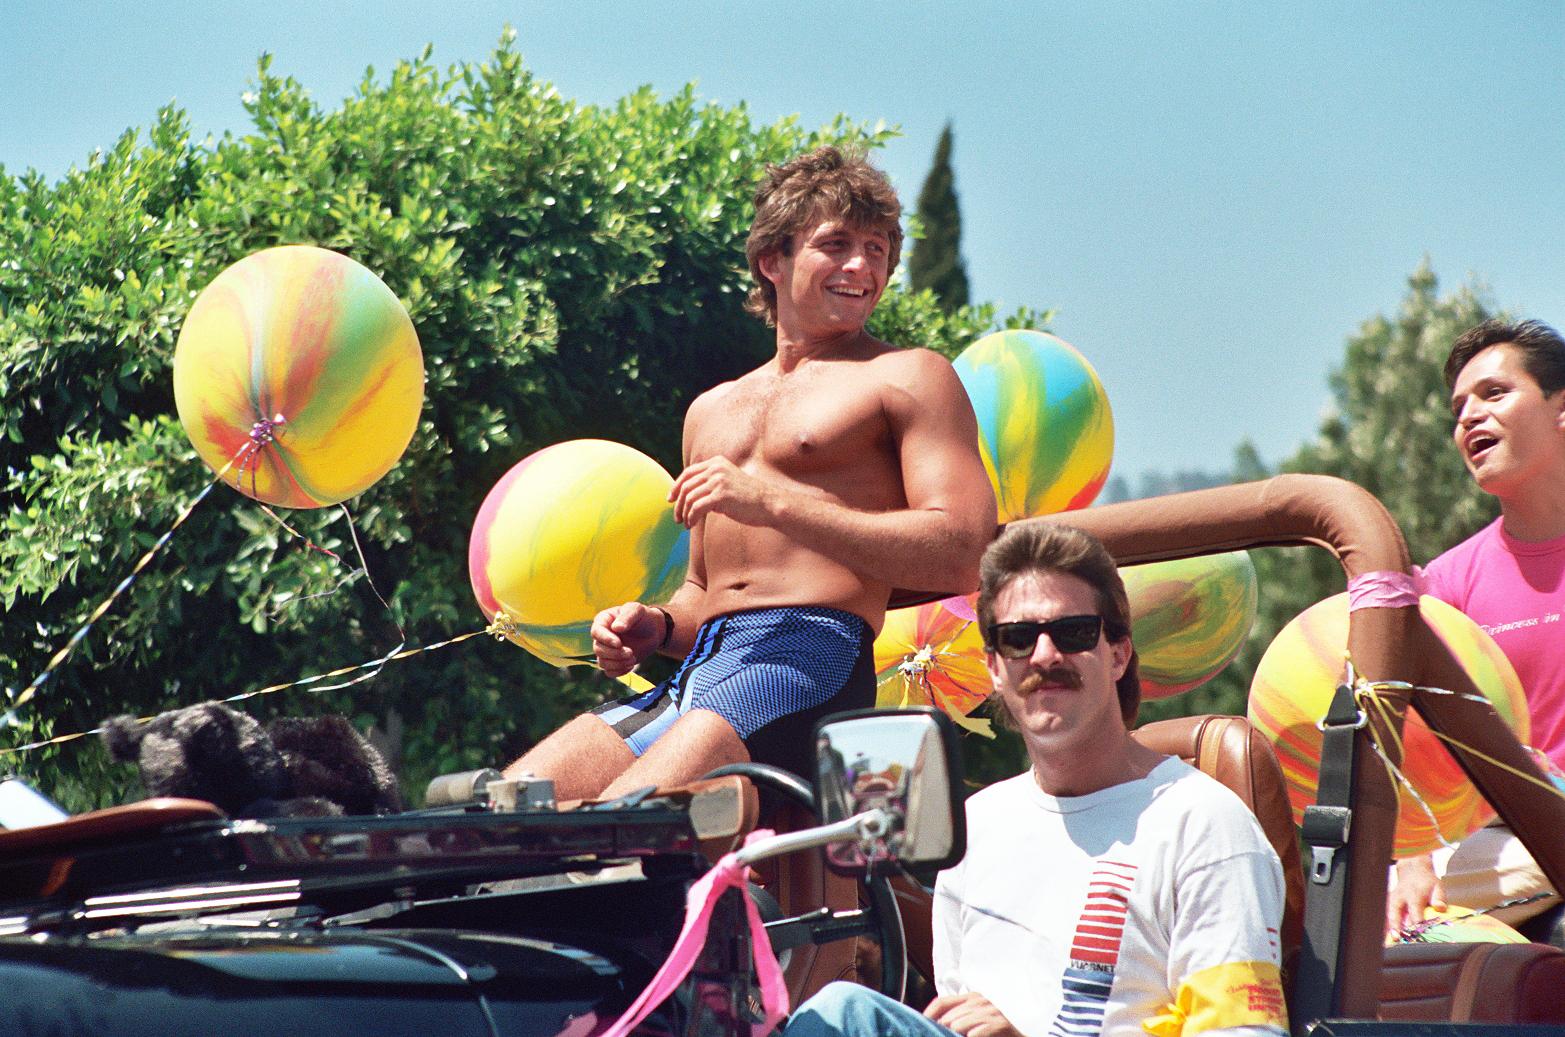 la-pride-1987-1995_21689561023_o